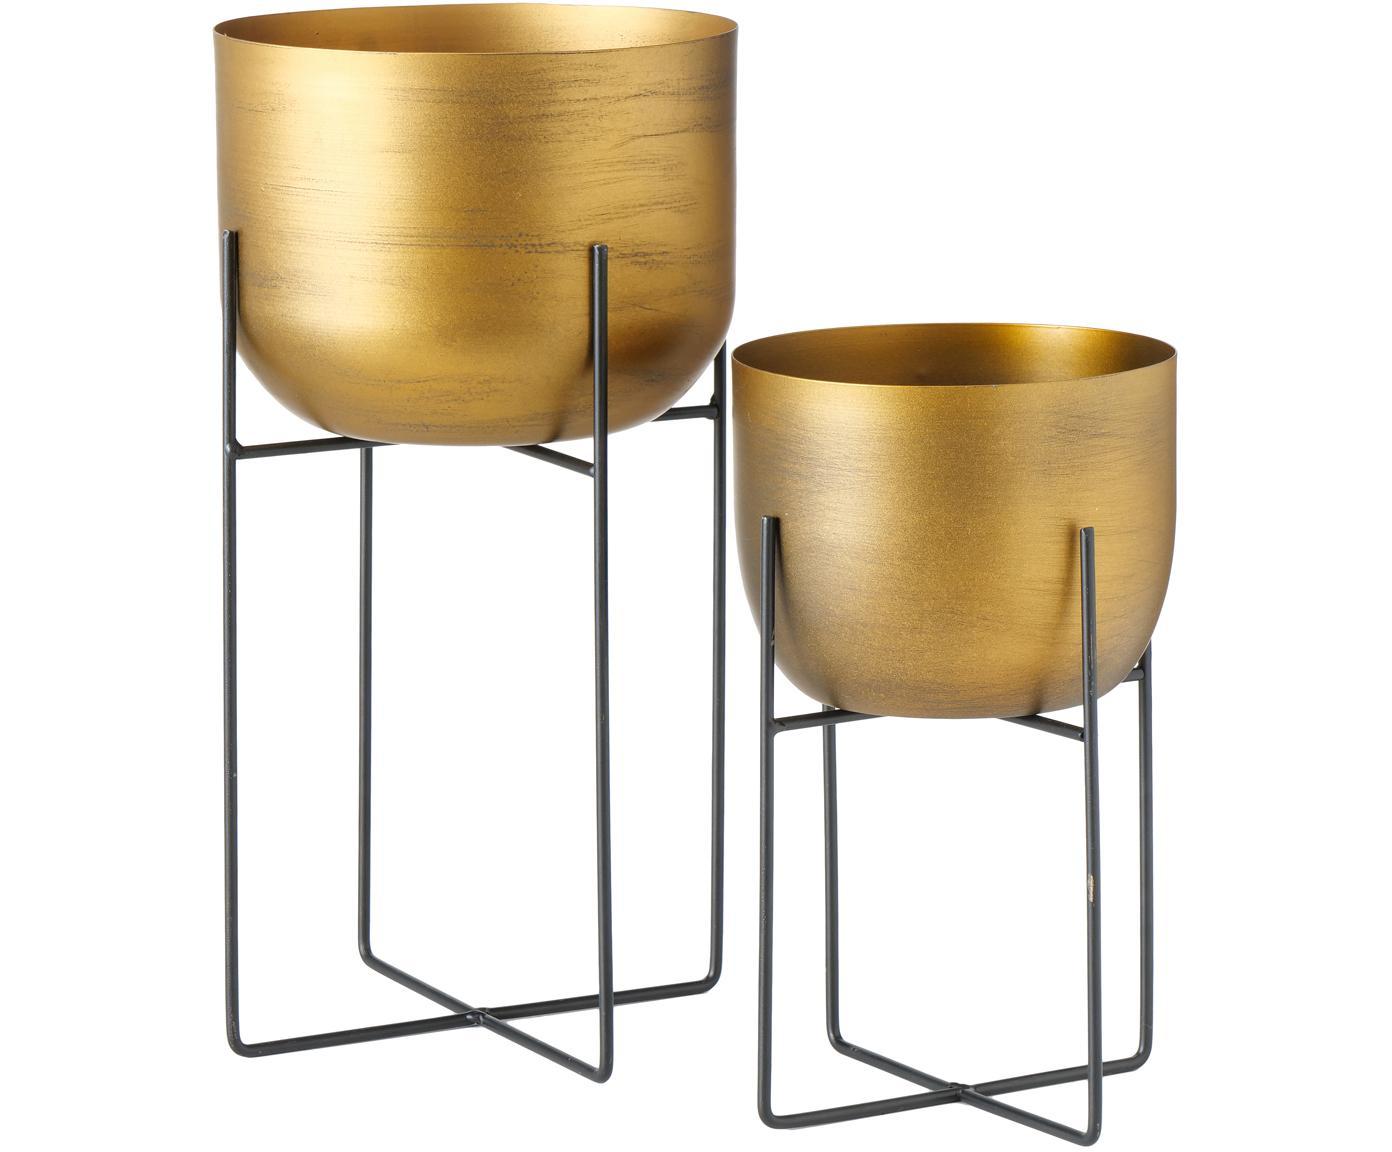 Übertopfe-Set Gadal, 2-tlg., Metall, beschichtet, Messingfarben, Verschiedene Grössen